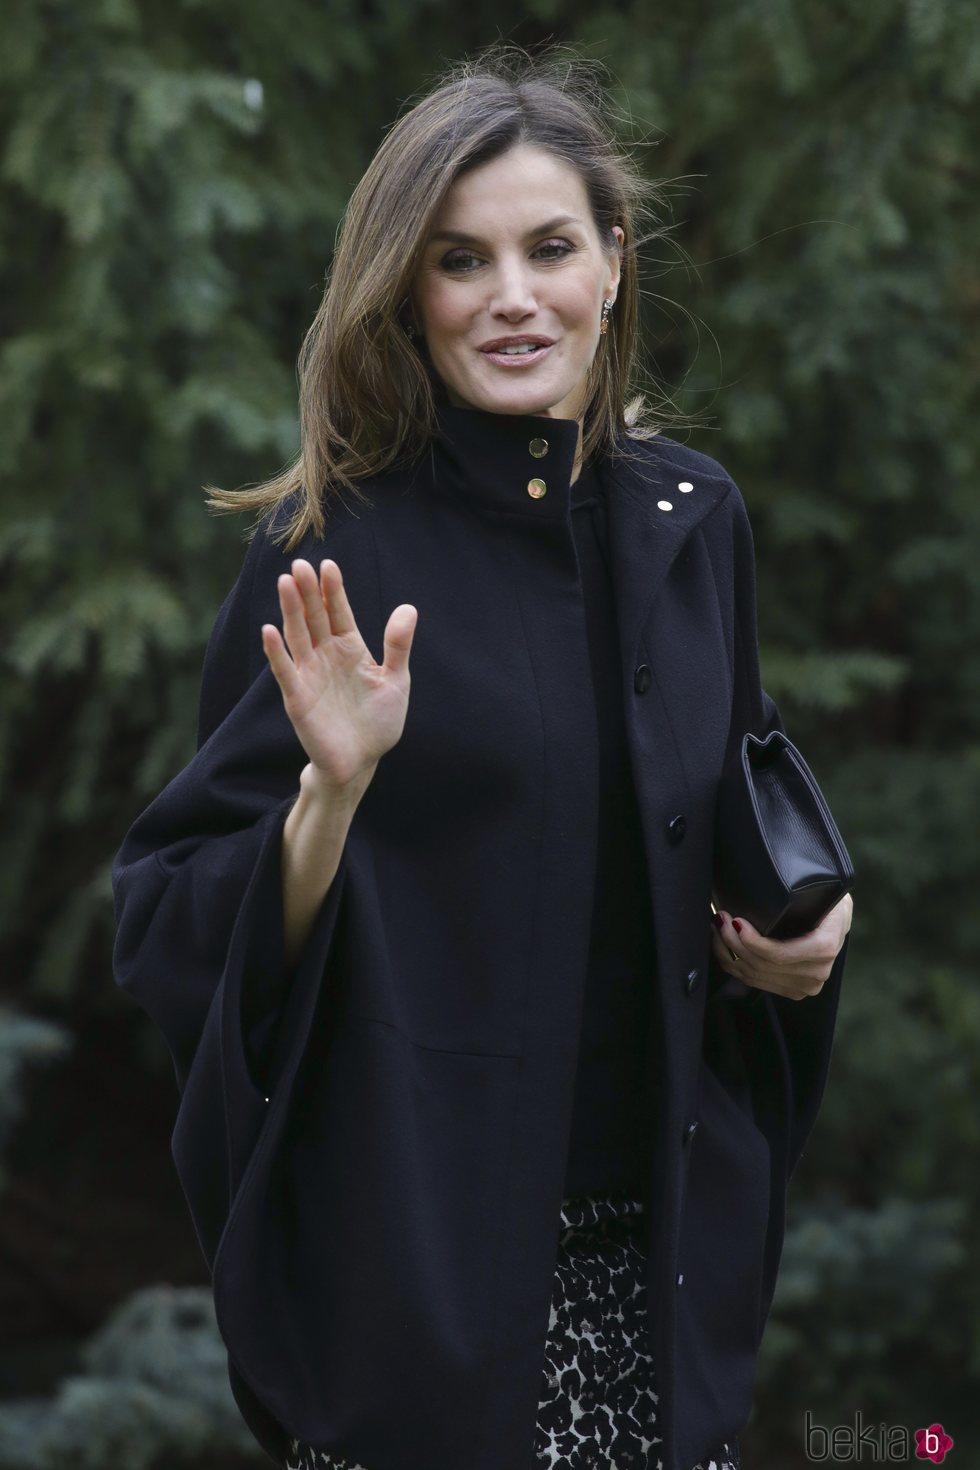 La Reina Letizia en su primer acto oficial tras la reconciliación con la Reina Sofía